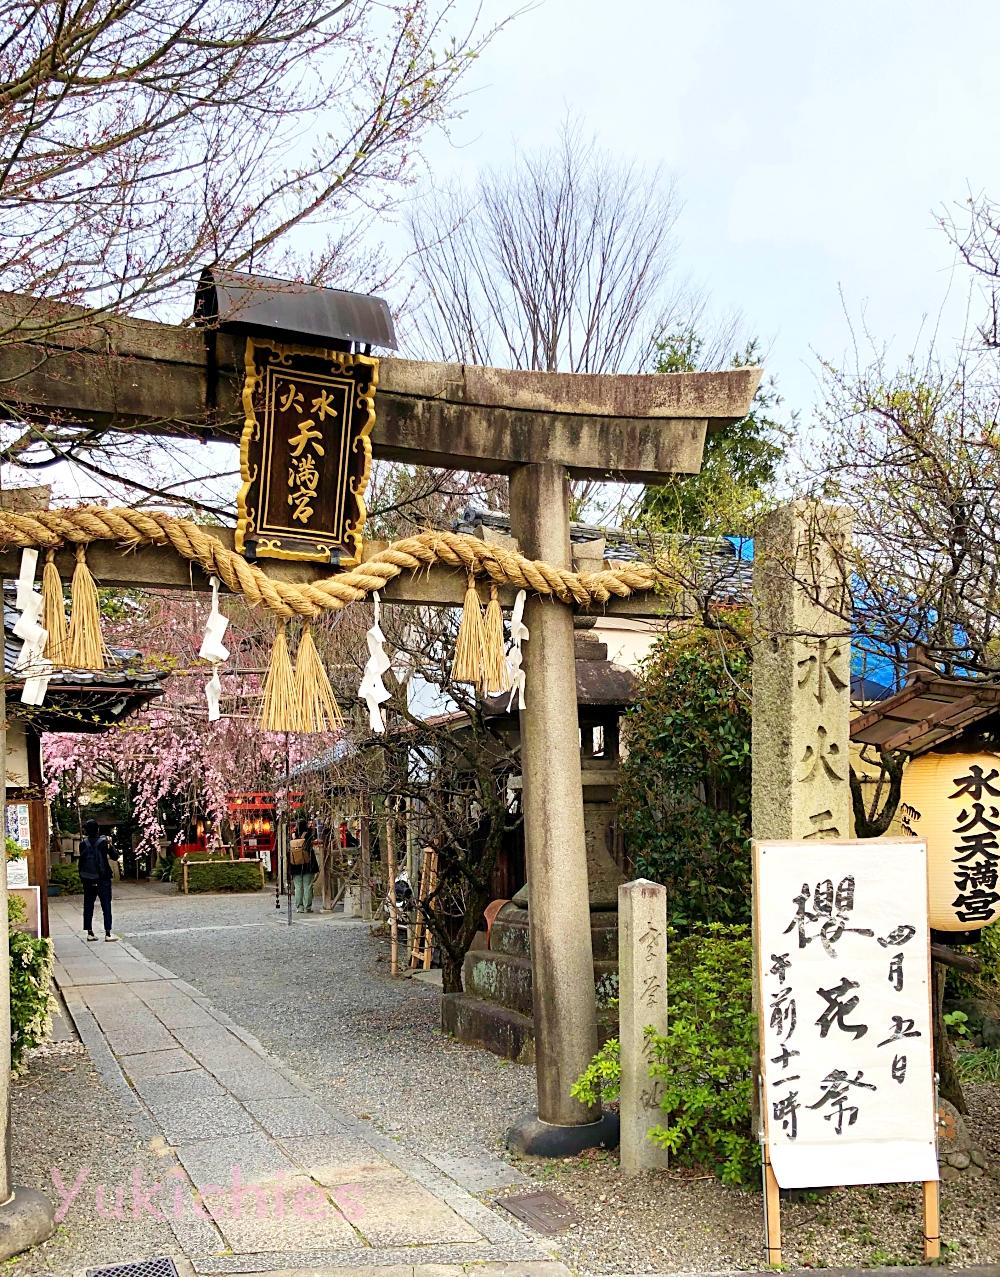 京都 堀川紫明 水火天満宮の桜 2020年